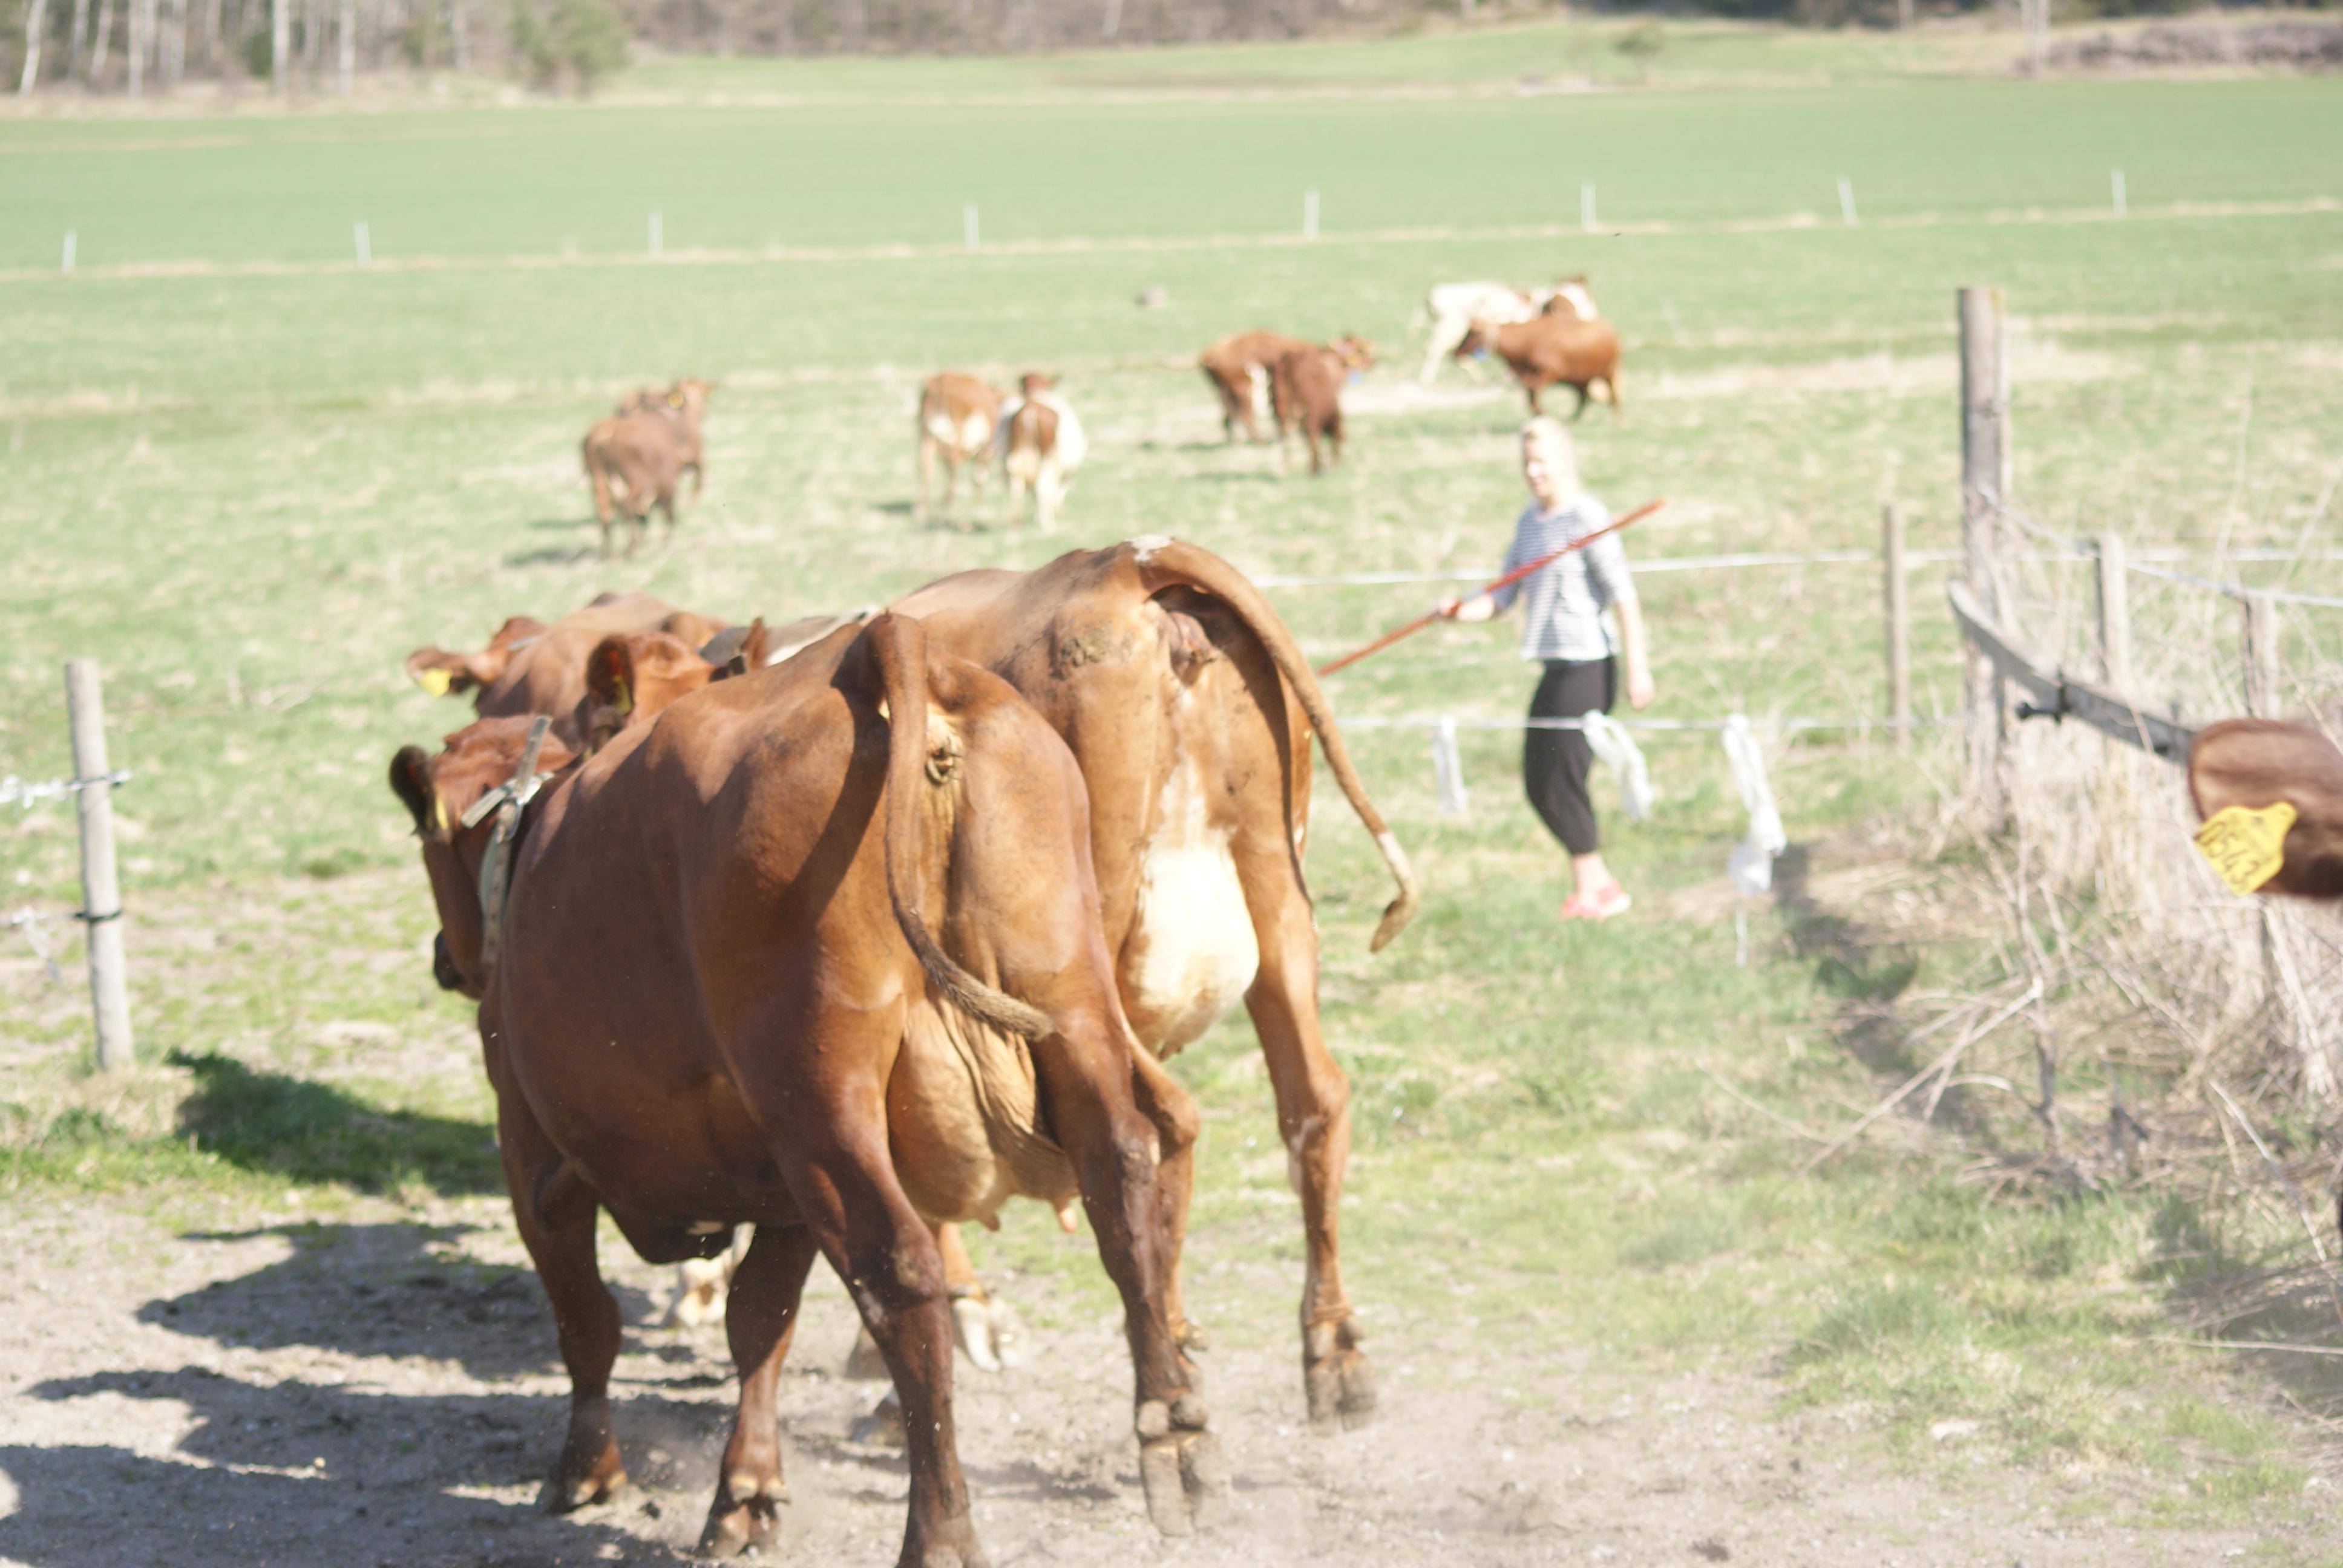 Alla kor sprang glatt ut i hagen.